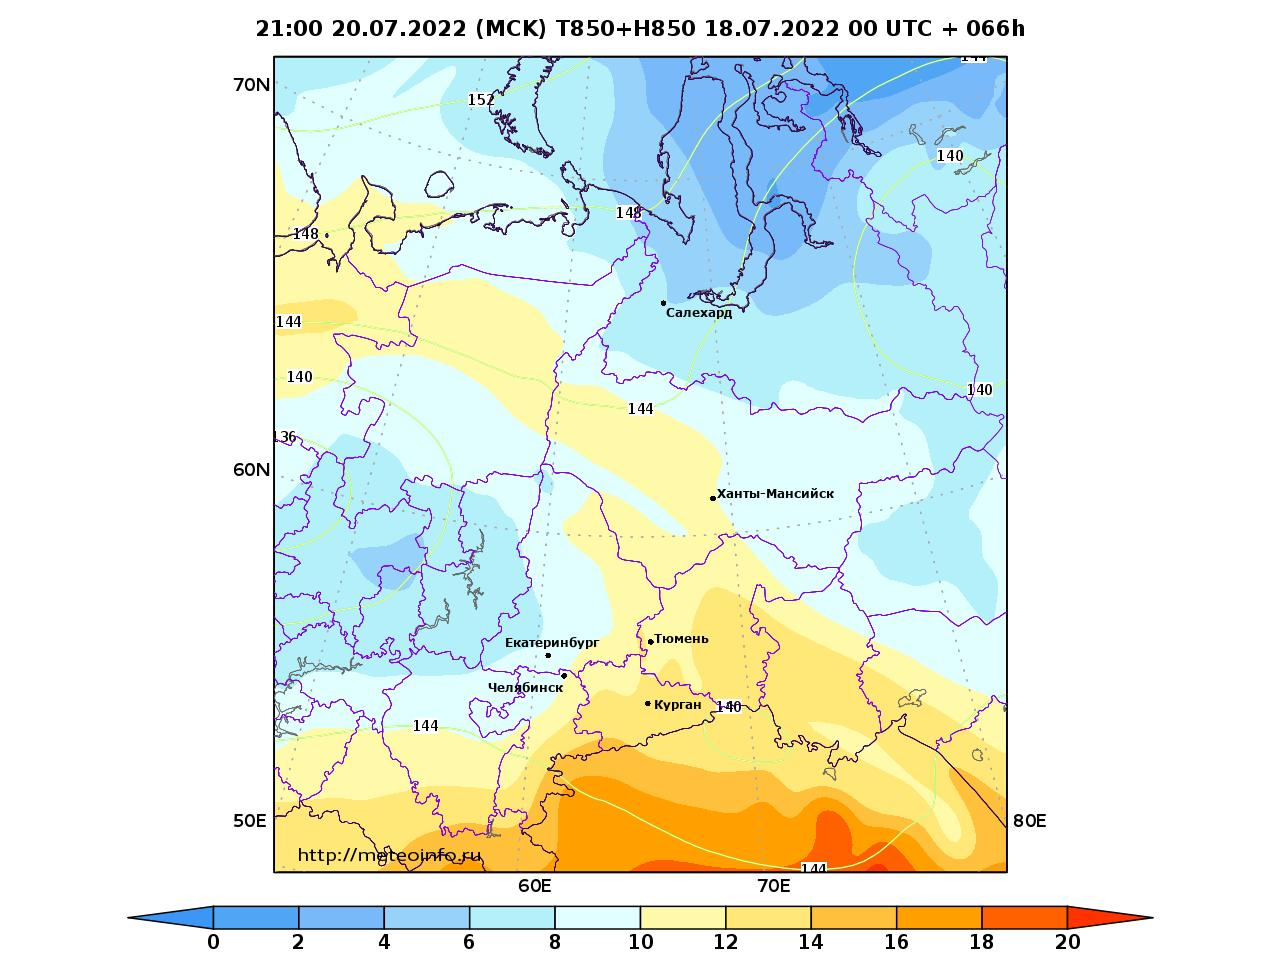 Уральский Федеральный округ, прогностическая карта температура T850 и геопотенциал H850, заблаговременность прогноза 66 часов